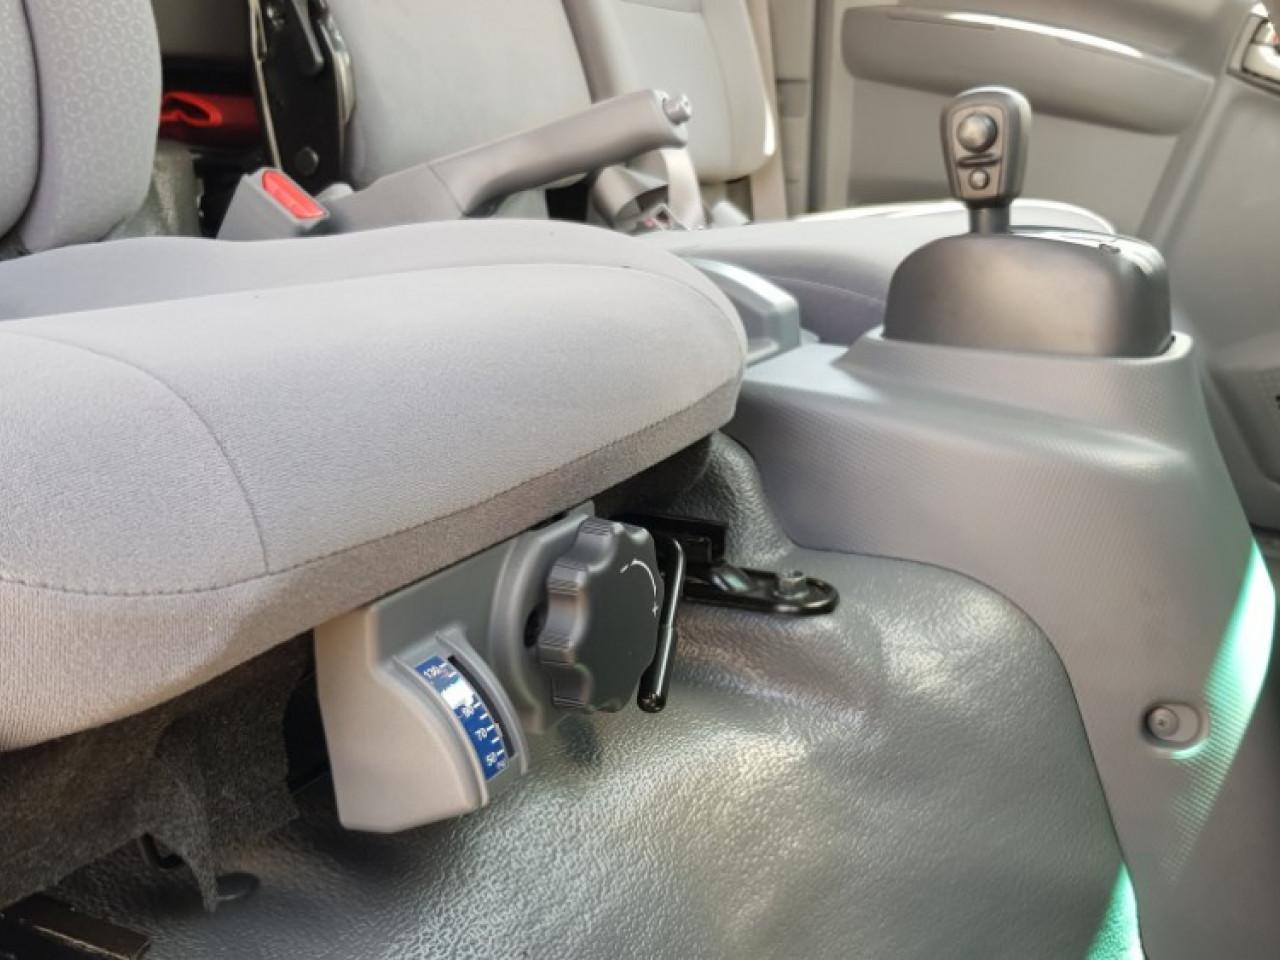 2018 Isuzu N Series NQR 87-190 AMT TIPPER